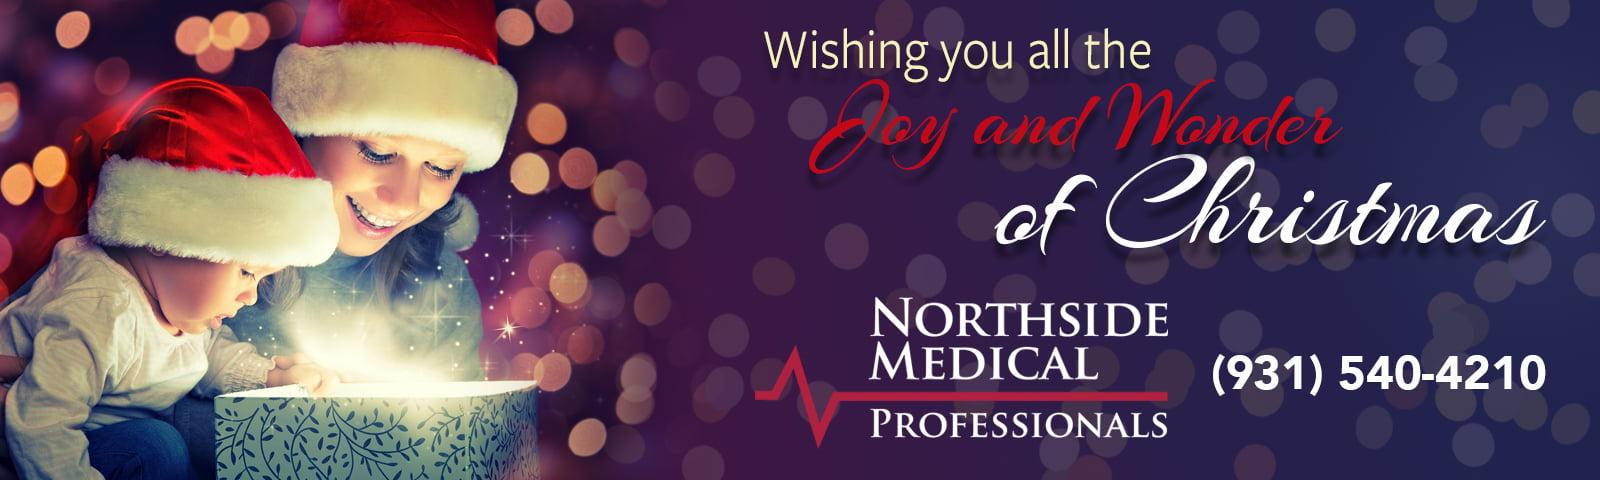 Northside Medical Professionals digital sign